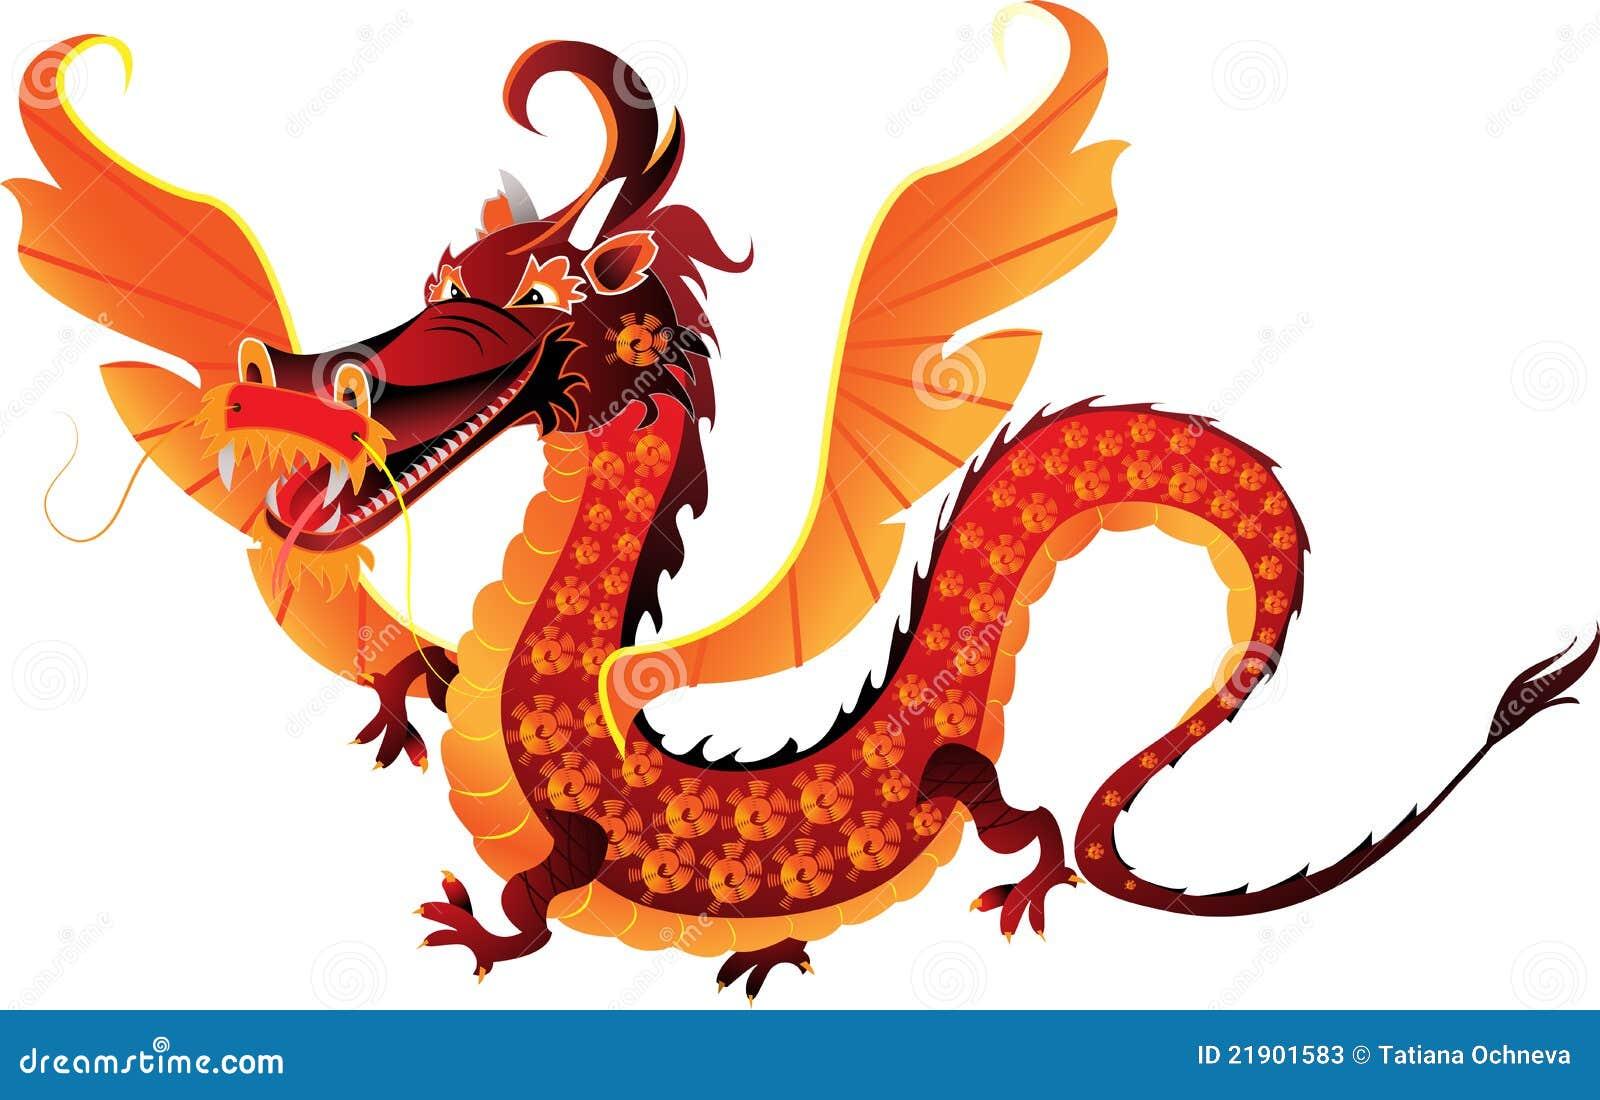 Símbolo 2012 del dragón